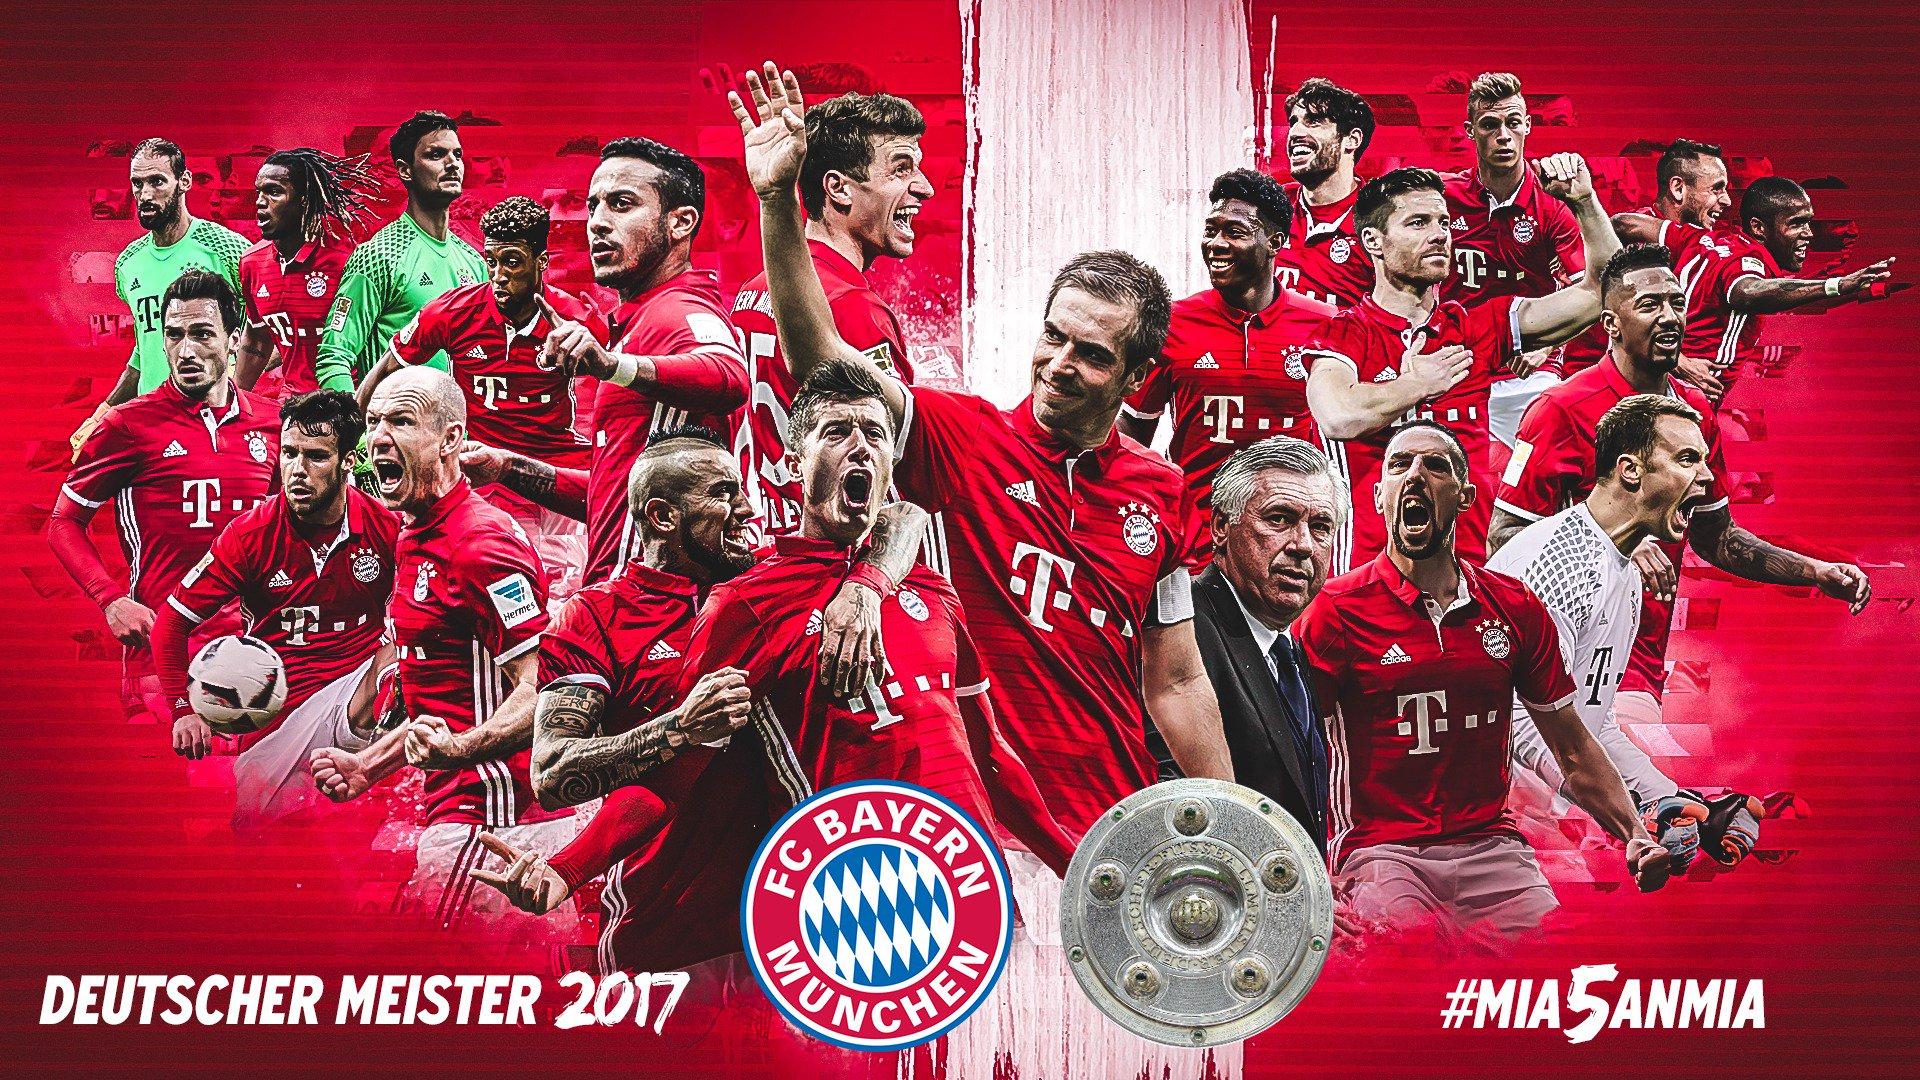 Bayern Deutscher Meister